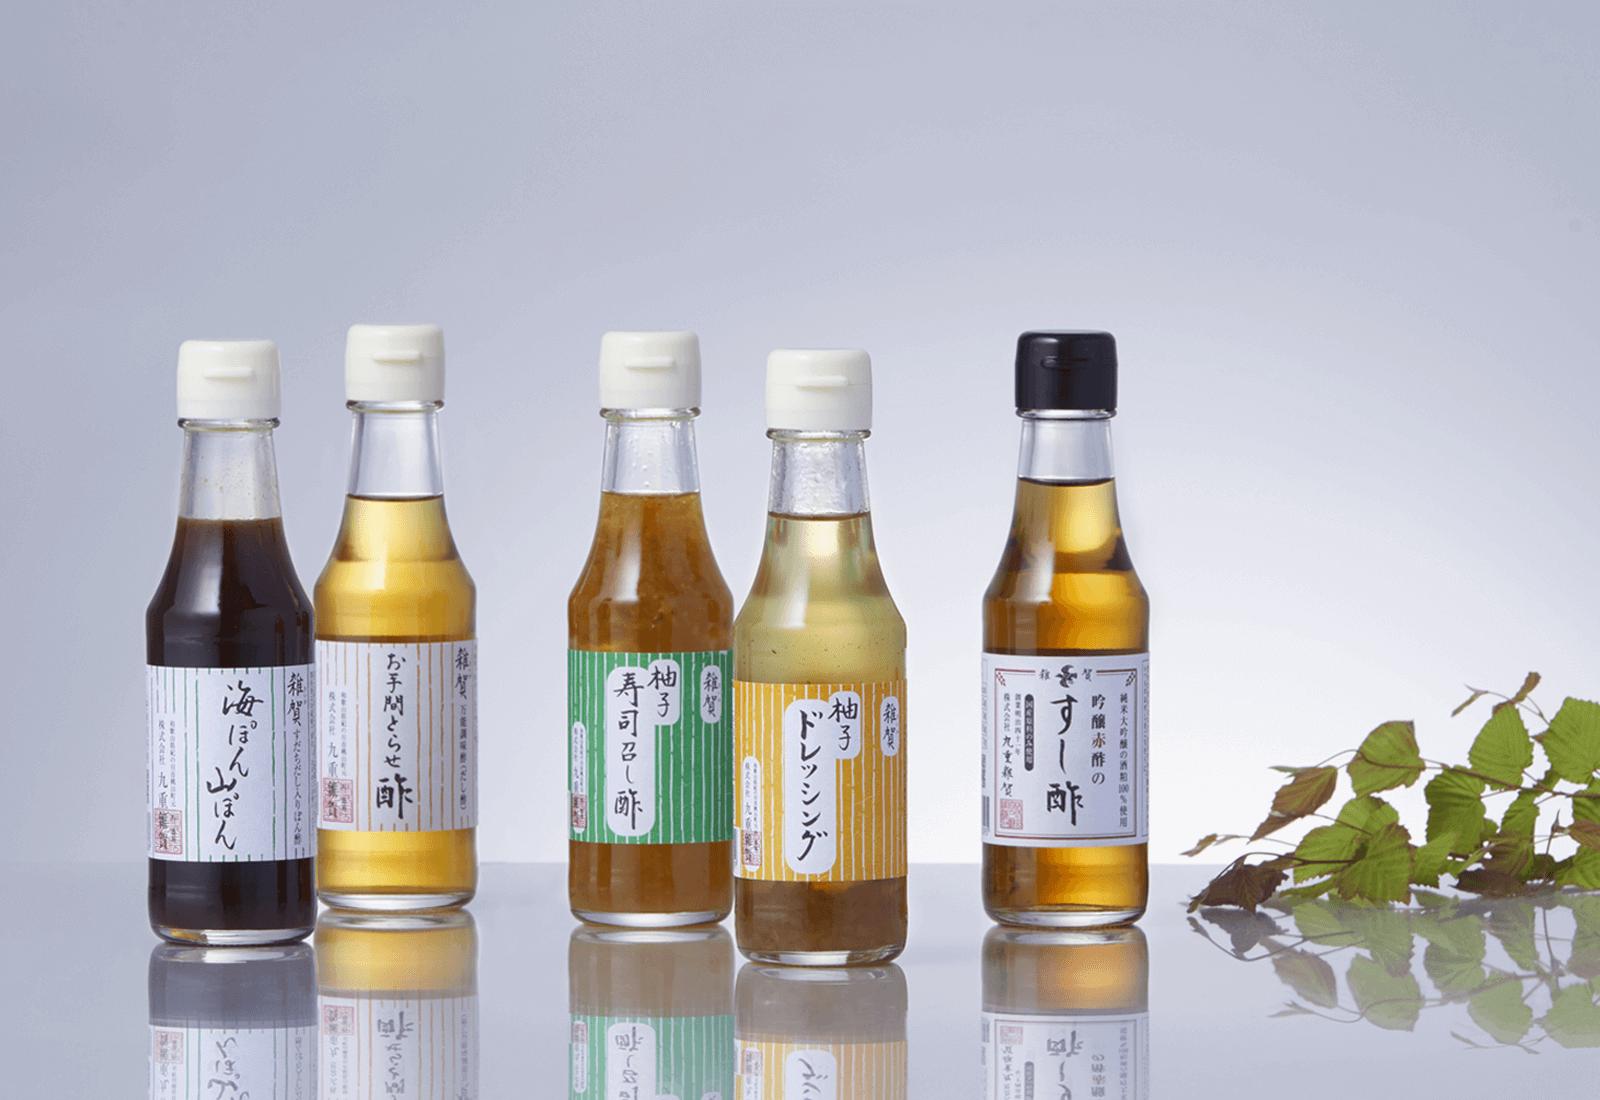 厳選素材と自社醸造赤酢の無添加調味酢